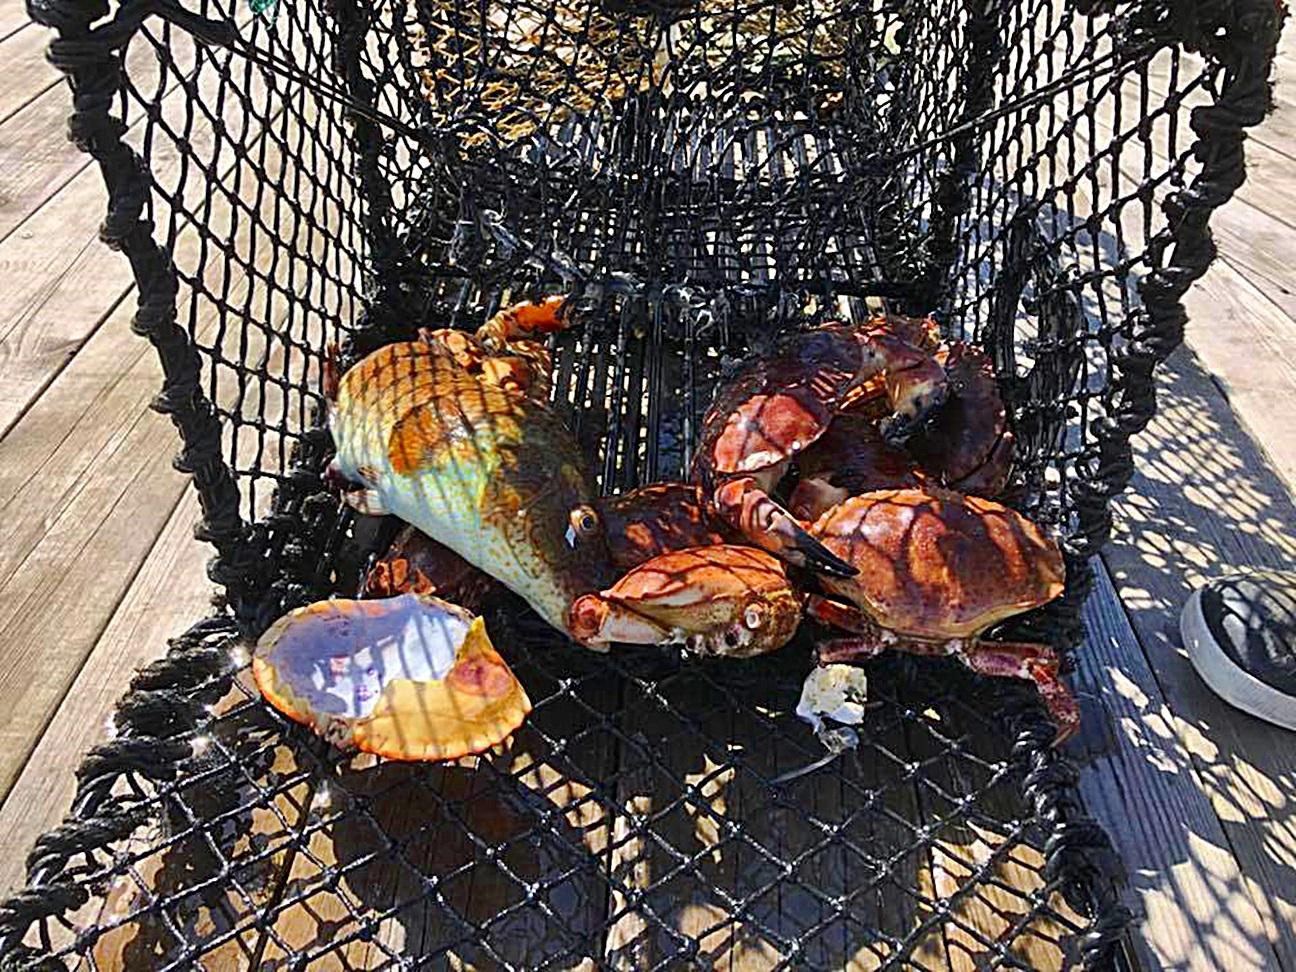 krabber fisk og annet fanges og stenges inne til de dør